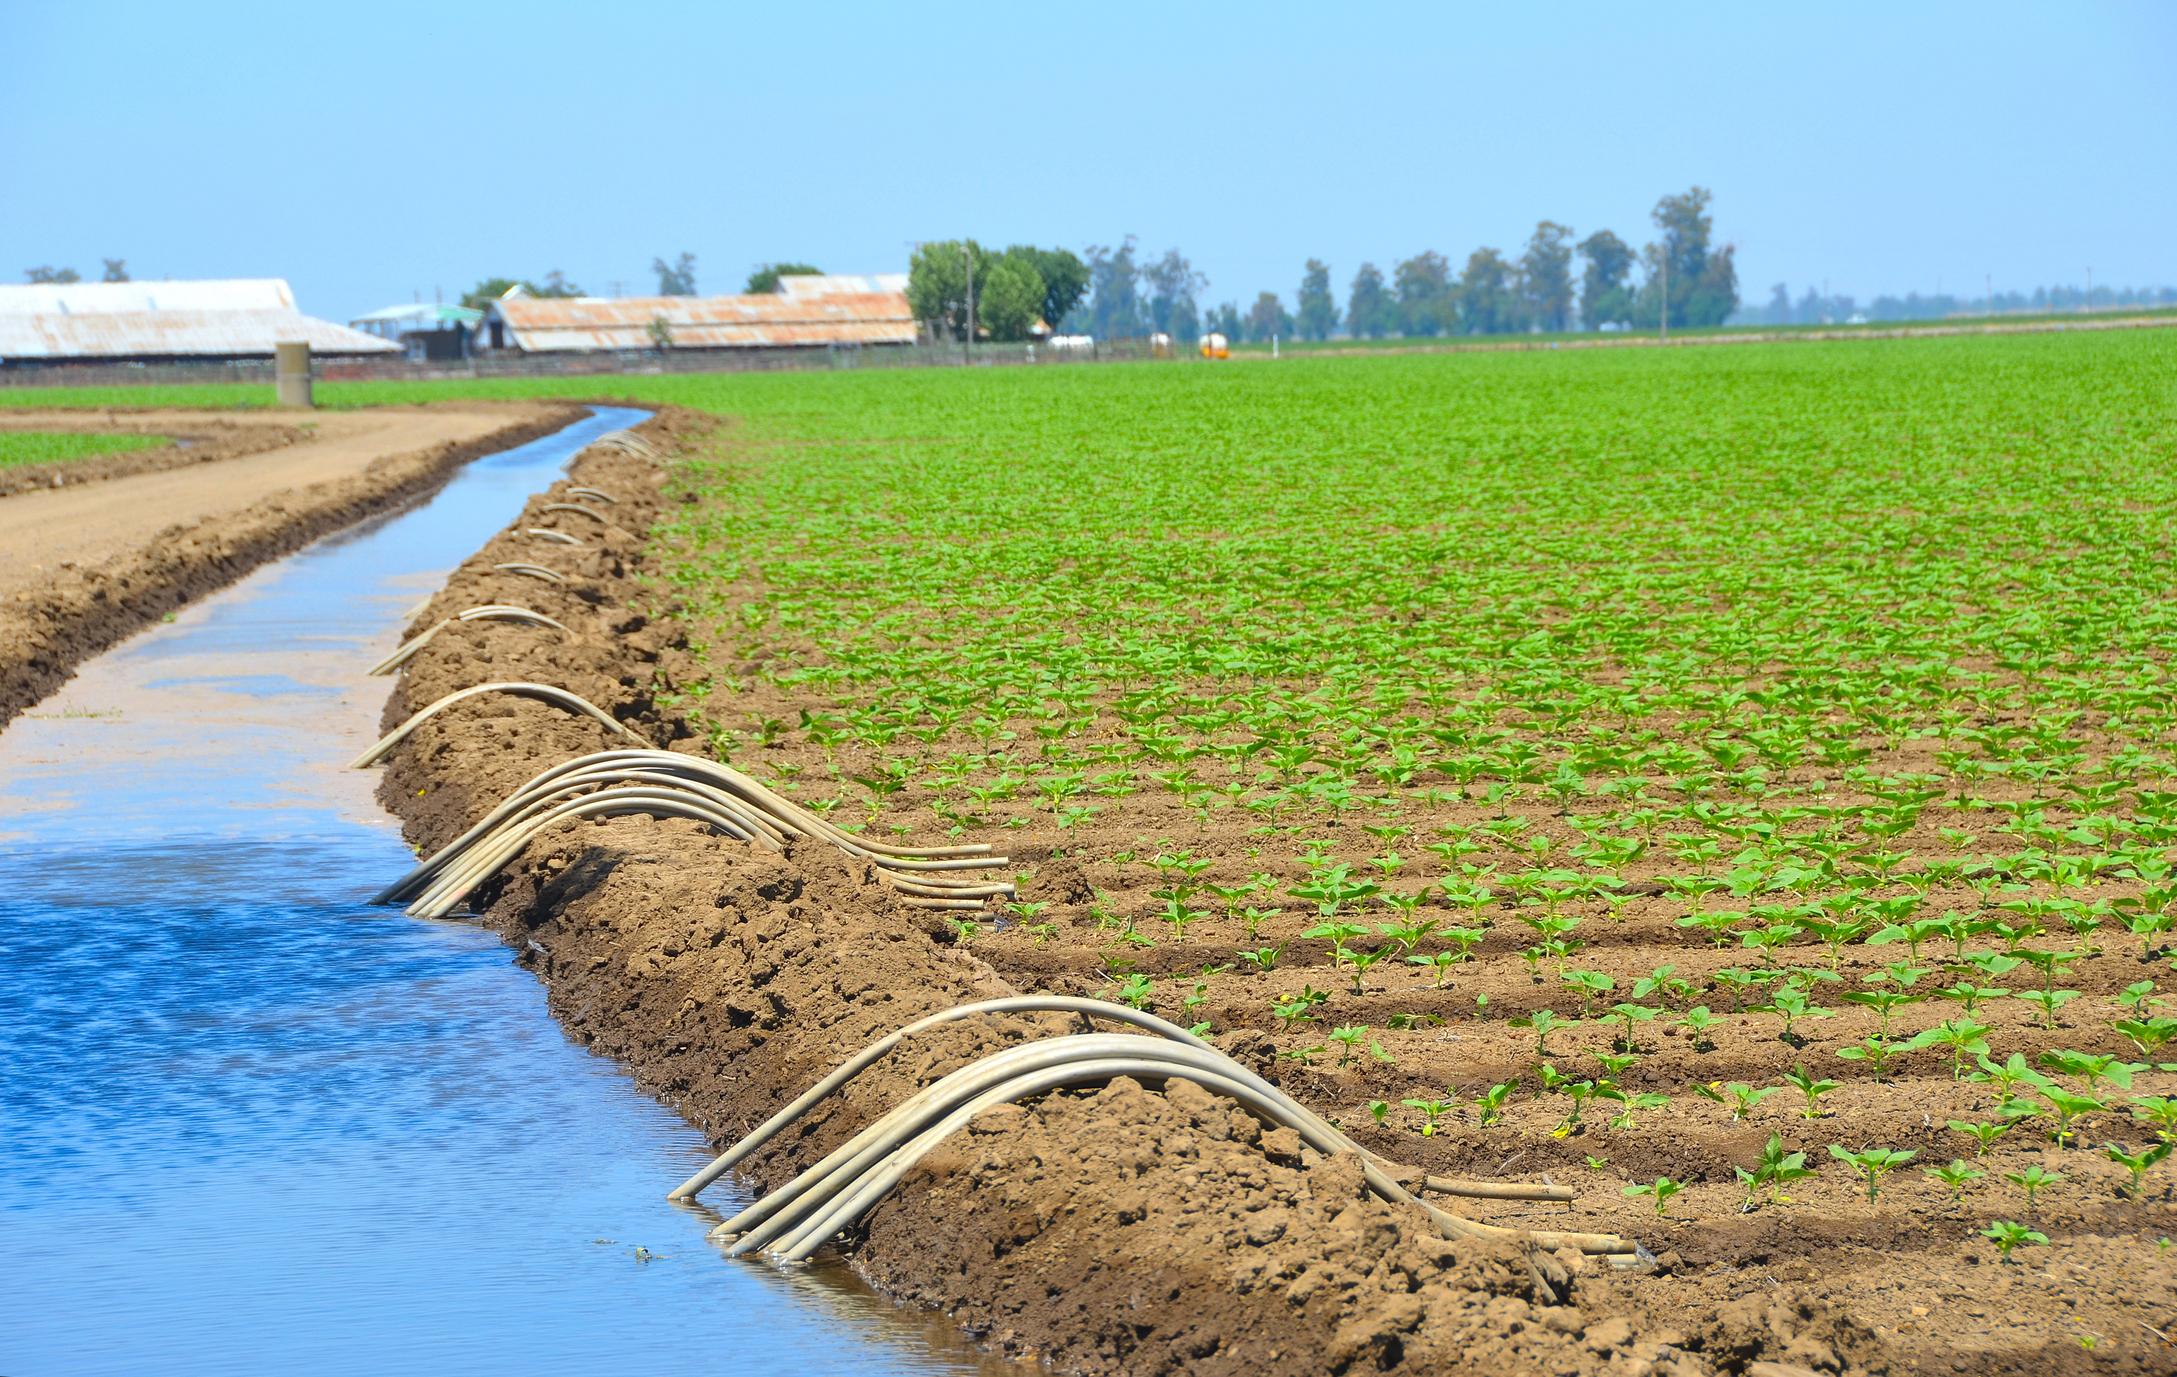 Maroc: Les niveaux d'irrigation boostent les récoltes